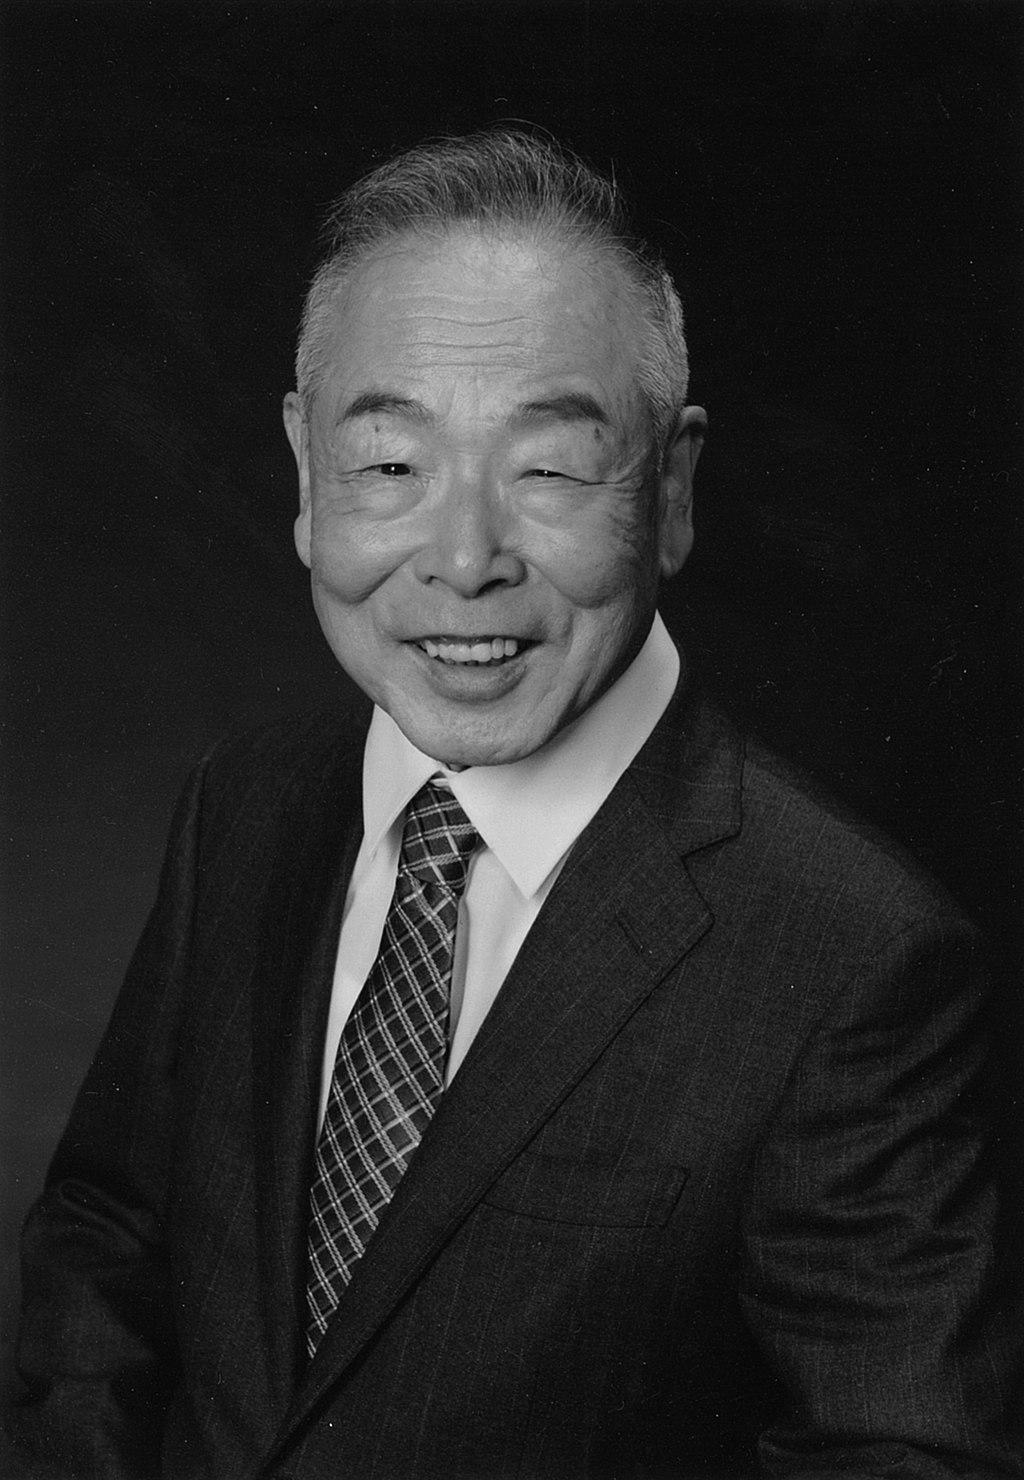 板倉 聖宣(Kiyonobu Itakura)Wikipediaより